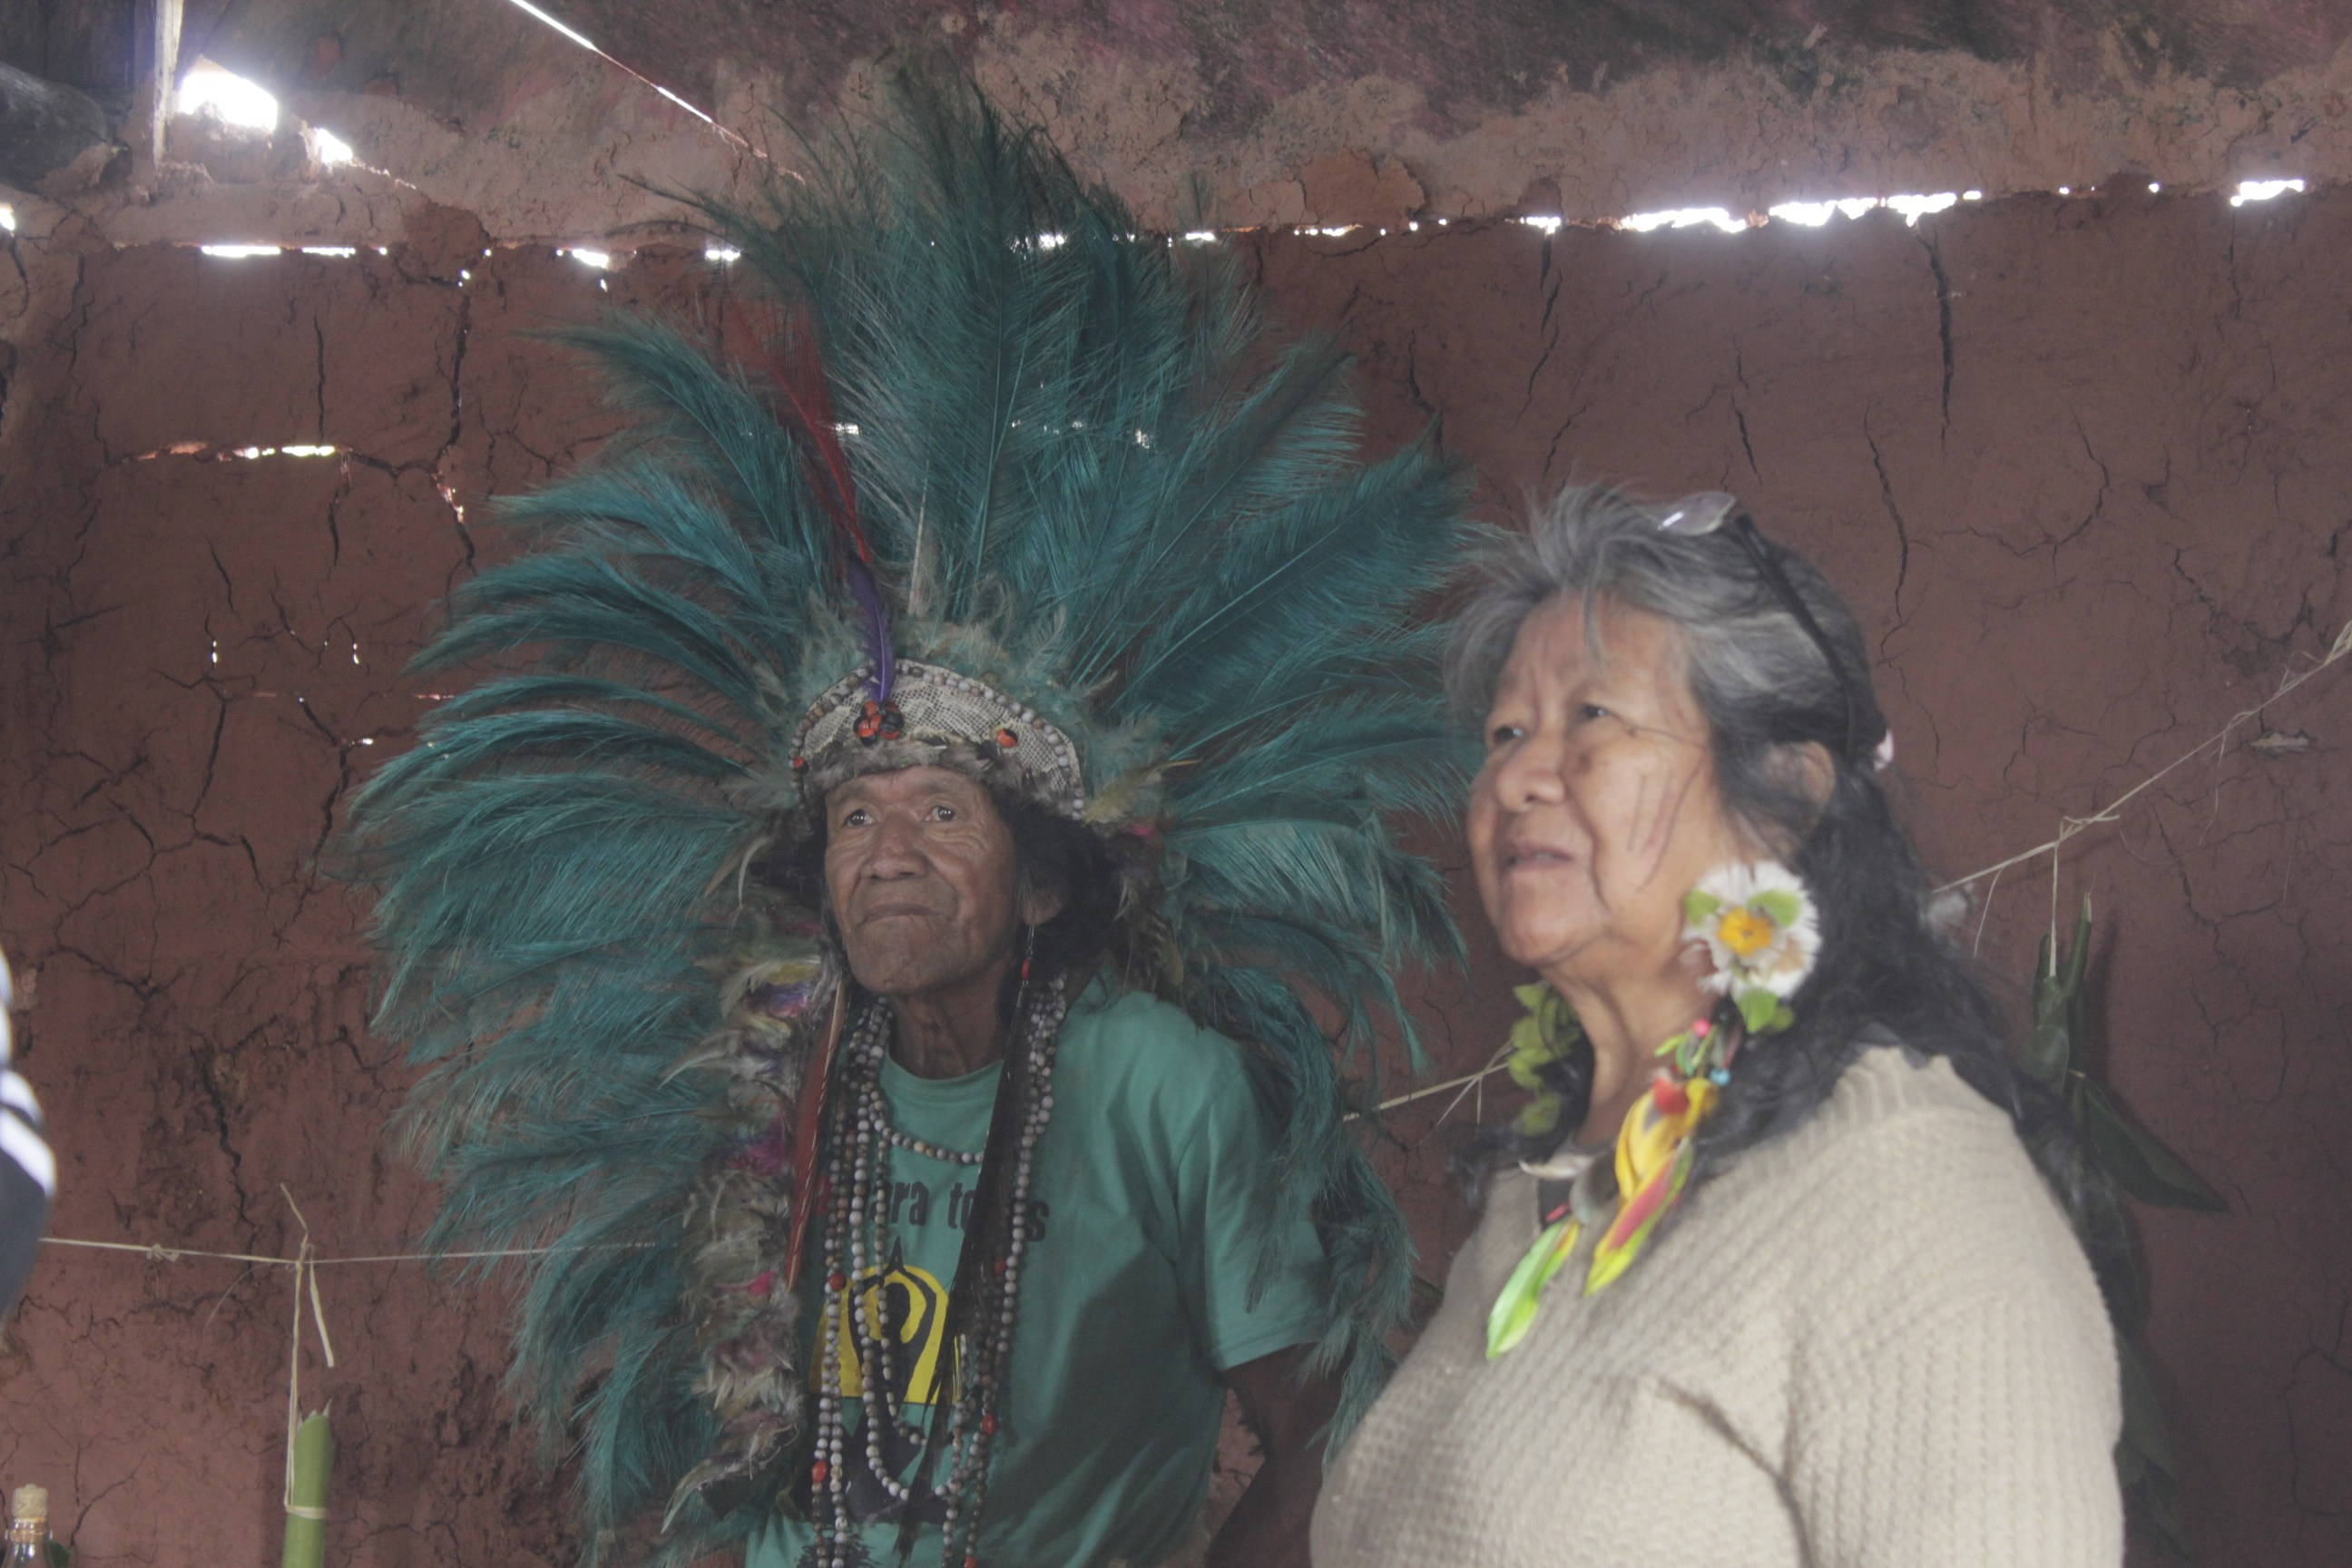 Aldeia Indígena Awa Porungawa Dju